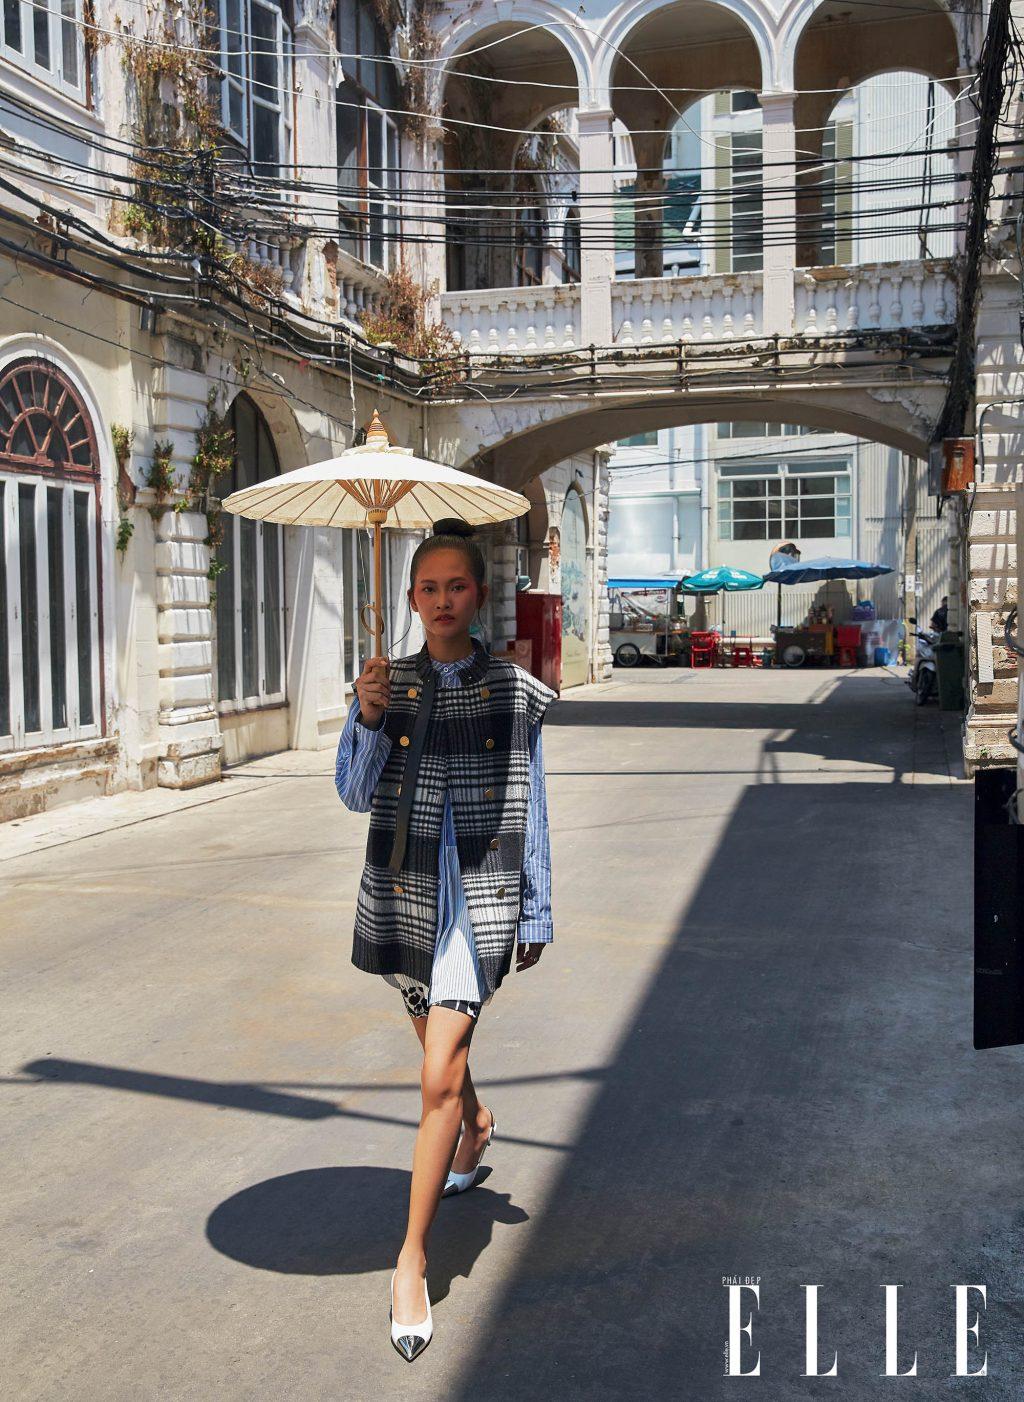 bộ ảnh thời trang bangkok vàng nắng - phối họa tiết kẻ ô, kẻ sọc